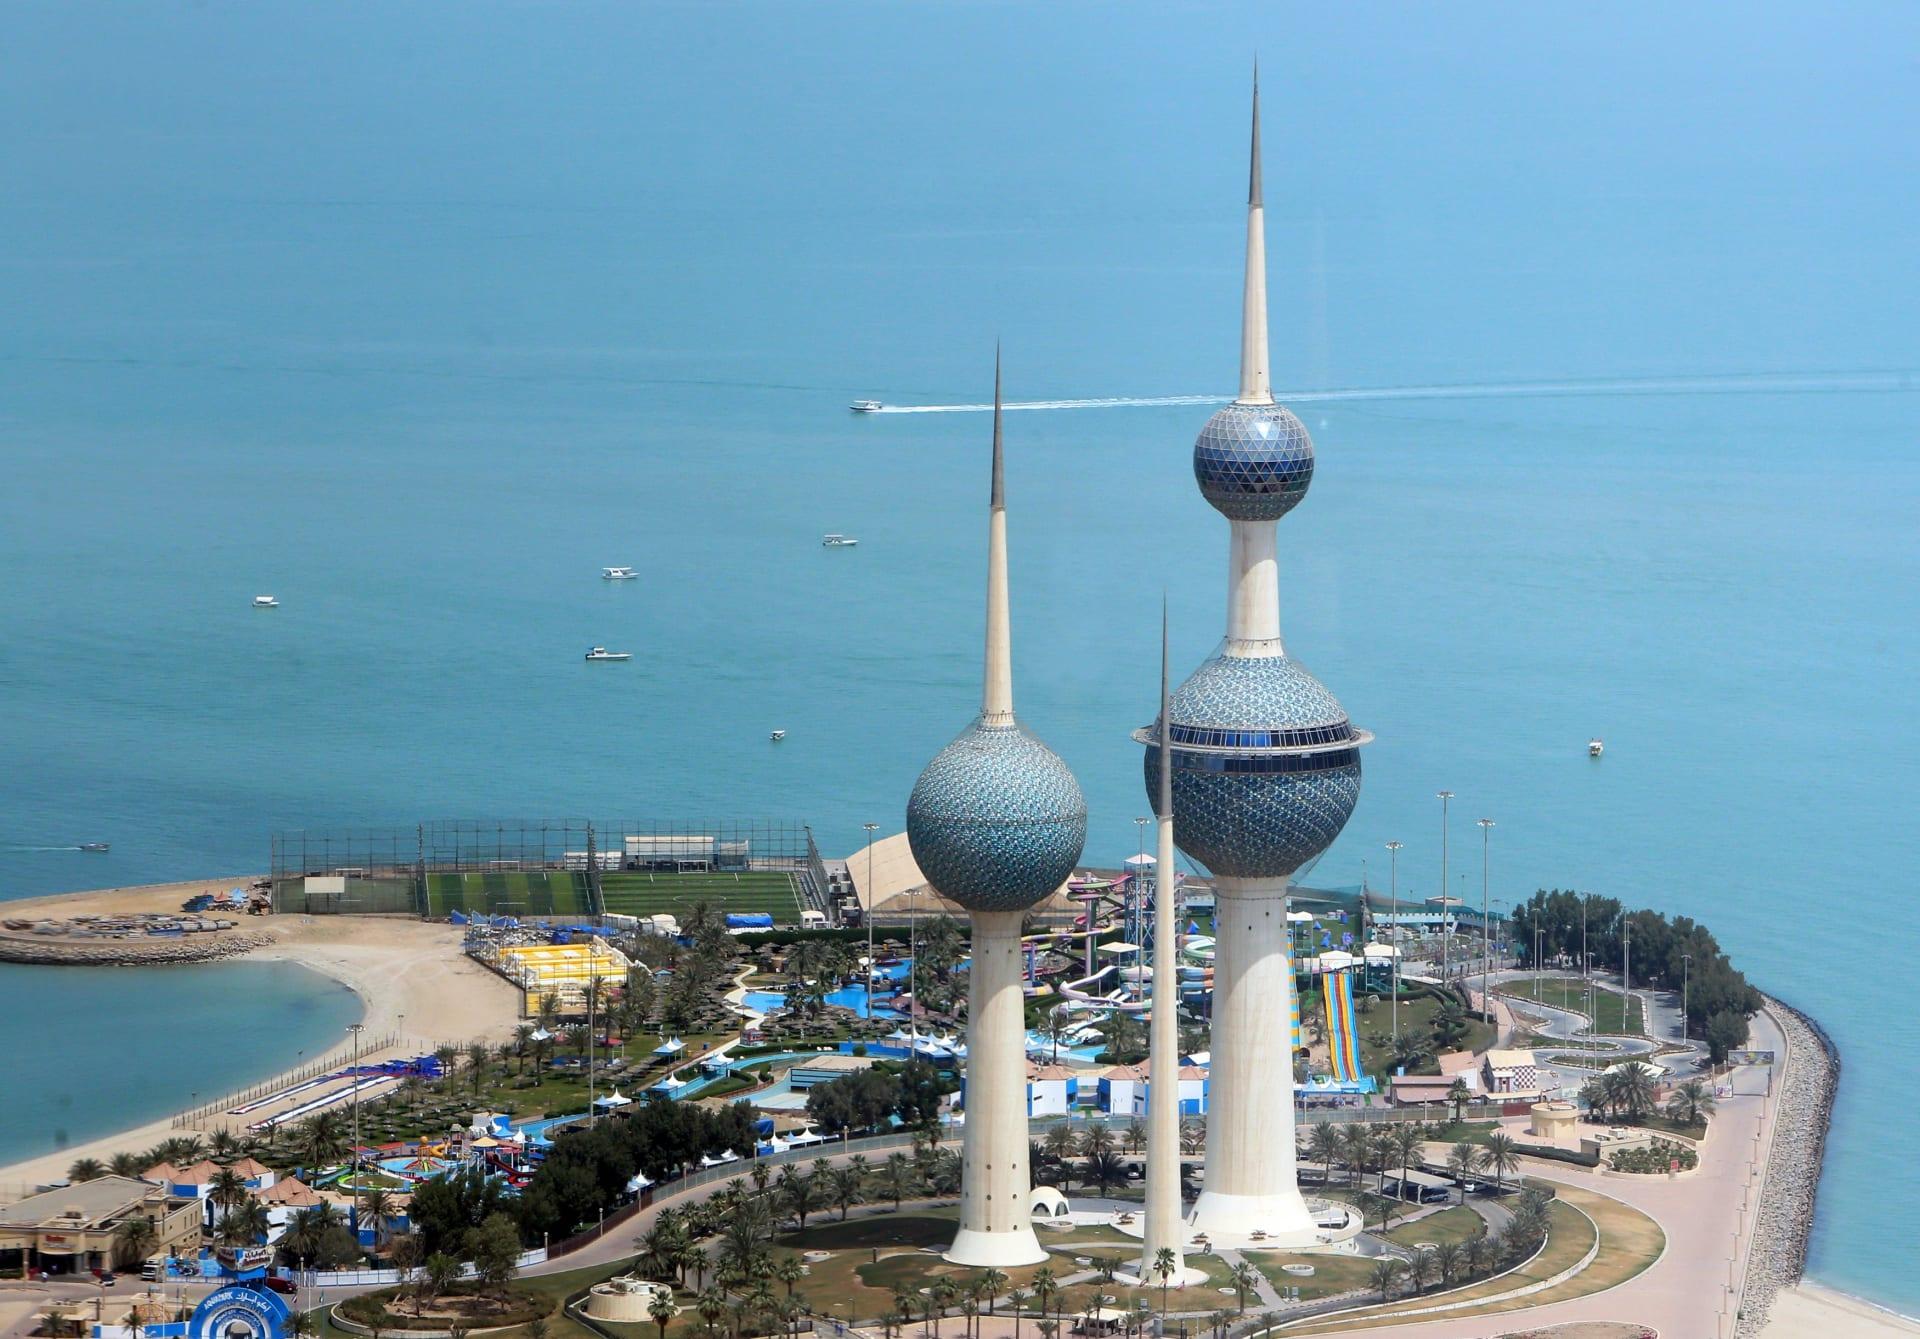 ماذا يتوقع صندوق النقد لاقتصاد الكويت بالعامين الحالي والمقبل؟